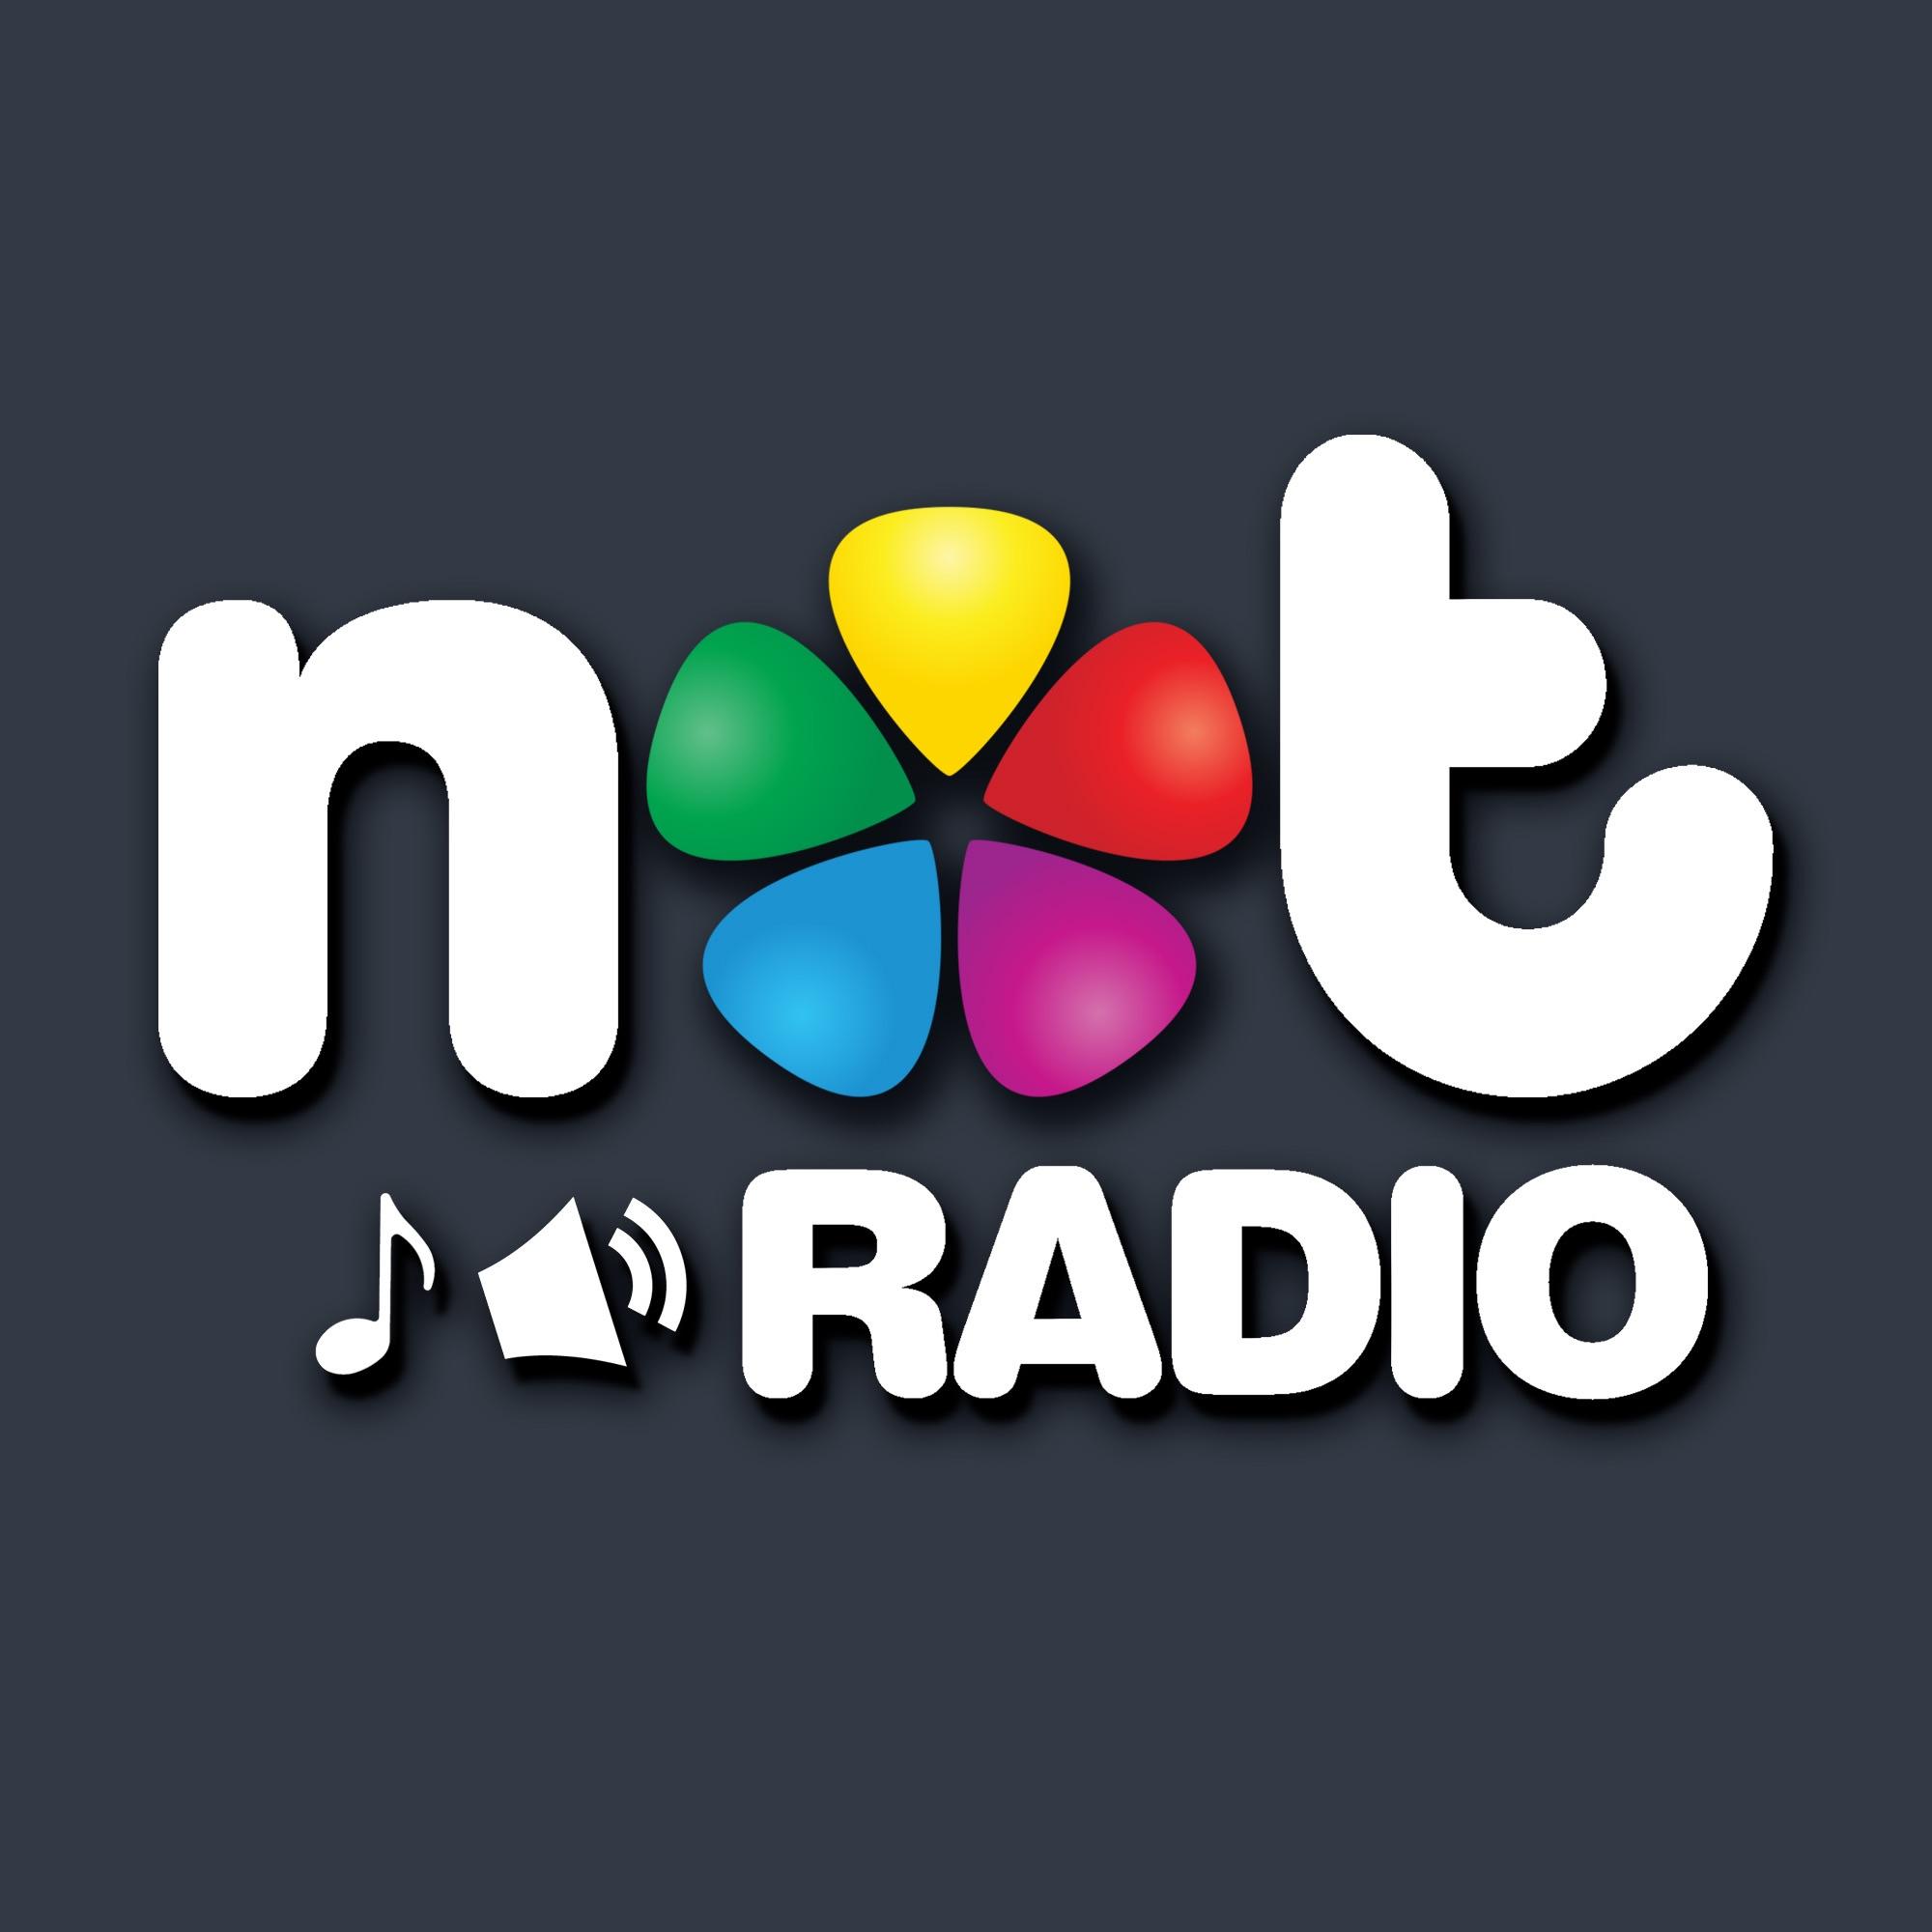 NotRadio